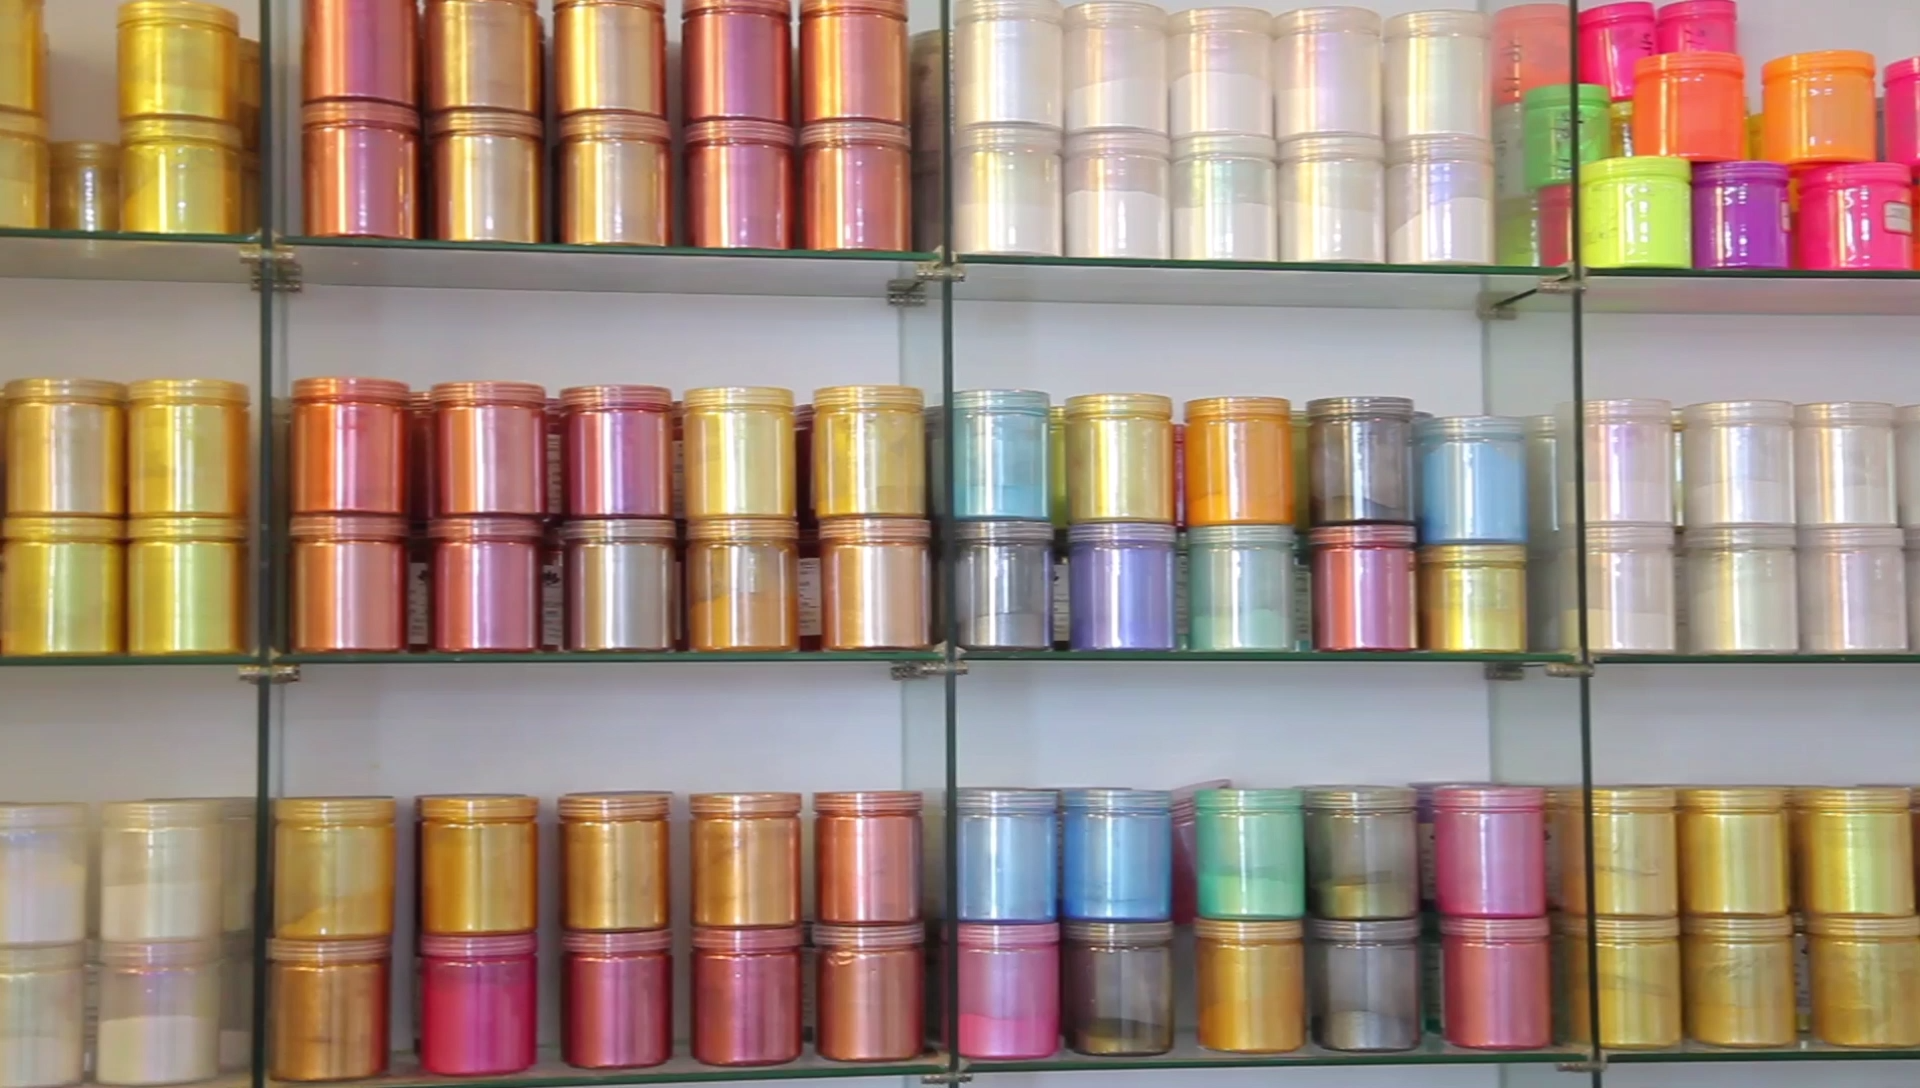 Jingxin धातु का रंग Epoxy मंजिल पिगमेंट मीका Epoxy राल कोटिंग के लिए पाउडर